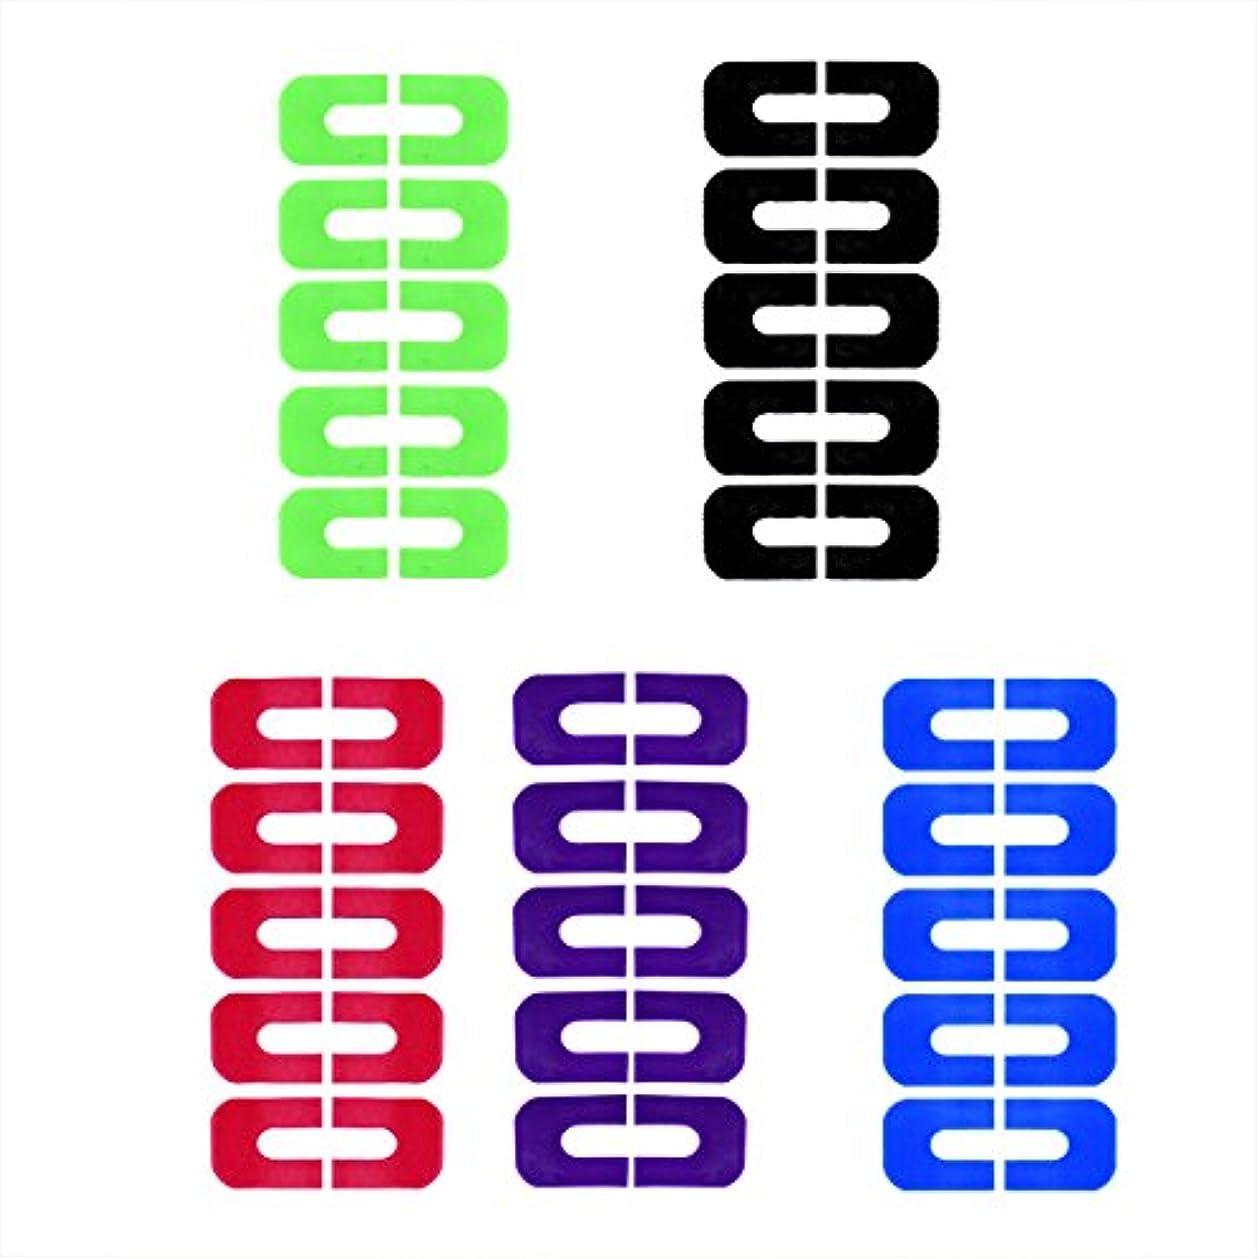 ドックこどもの宮殿味わうGoshang ネイルプロテクター ネイルクリップ ピールオフテープ 肌にやさしいシートタイプ 溢れを防止 5枚セット スタンピングプレートツール